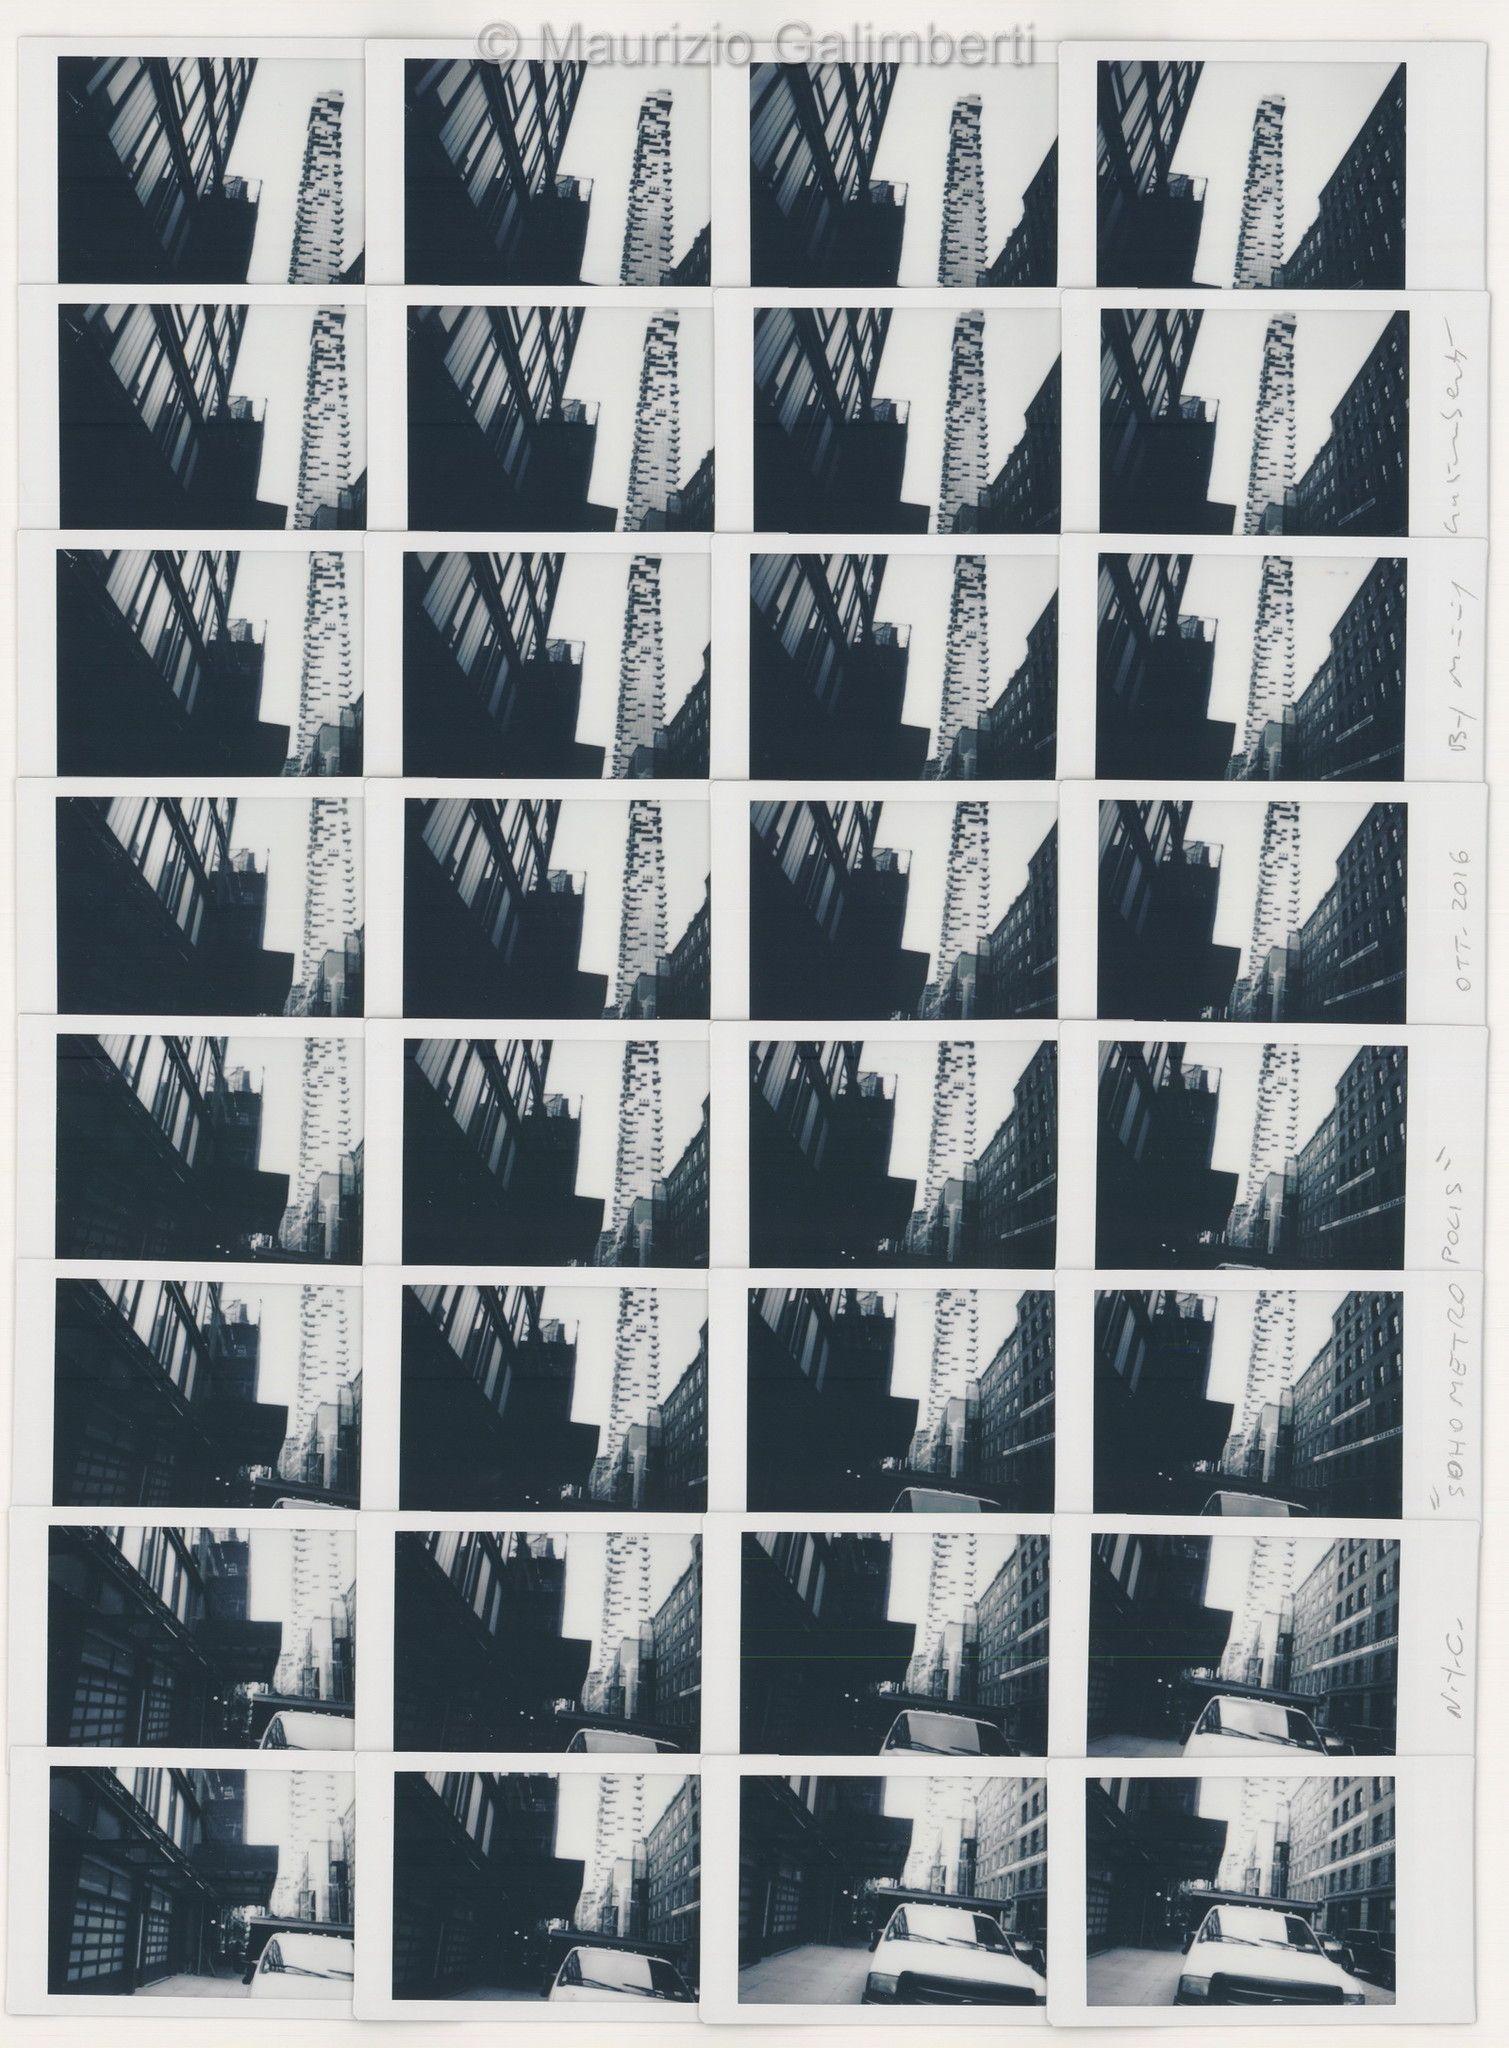 """VINTAGE POLAROID MAURIZIO GALIMBERTI """"N.C.Y. SOHO METROPOLIS"""" dimensioni cm. 53x63"""